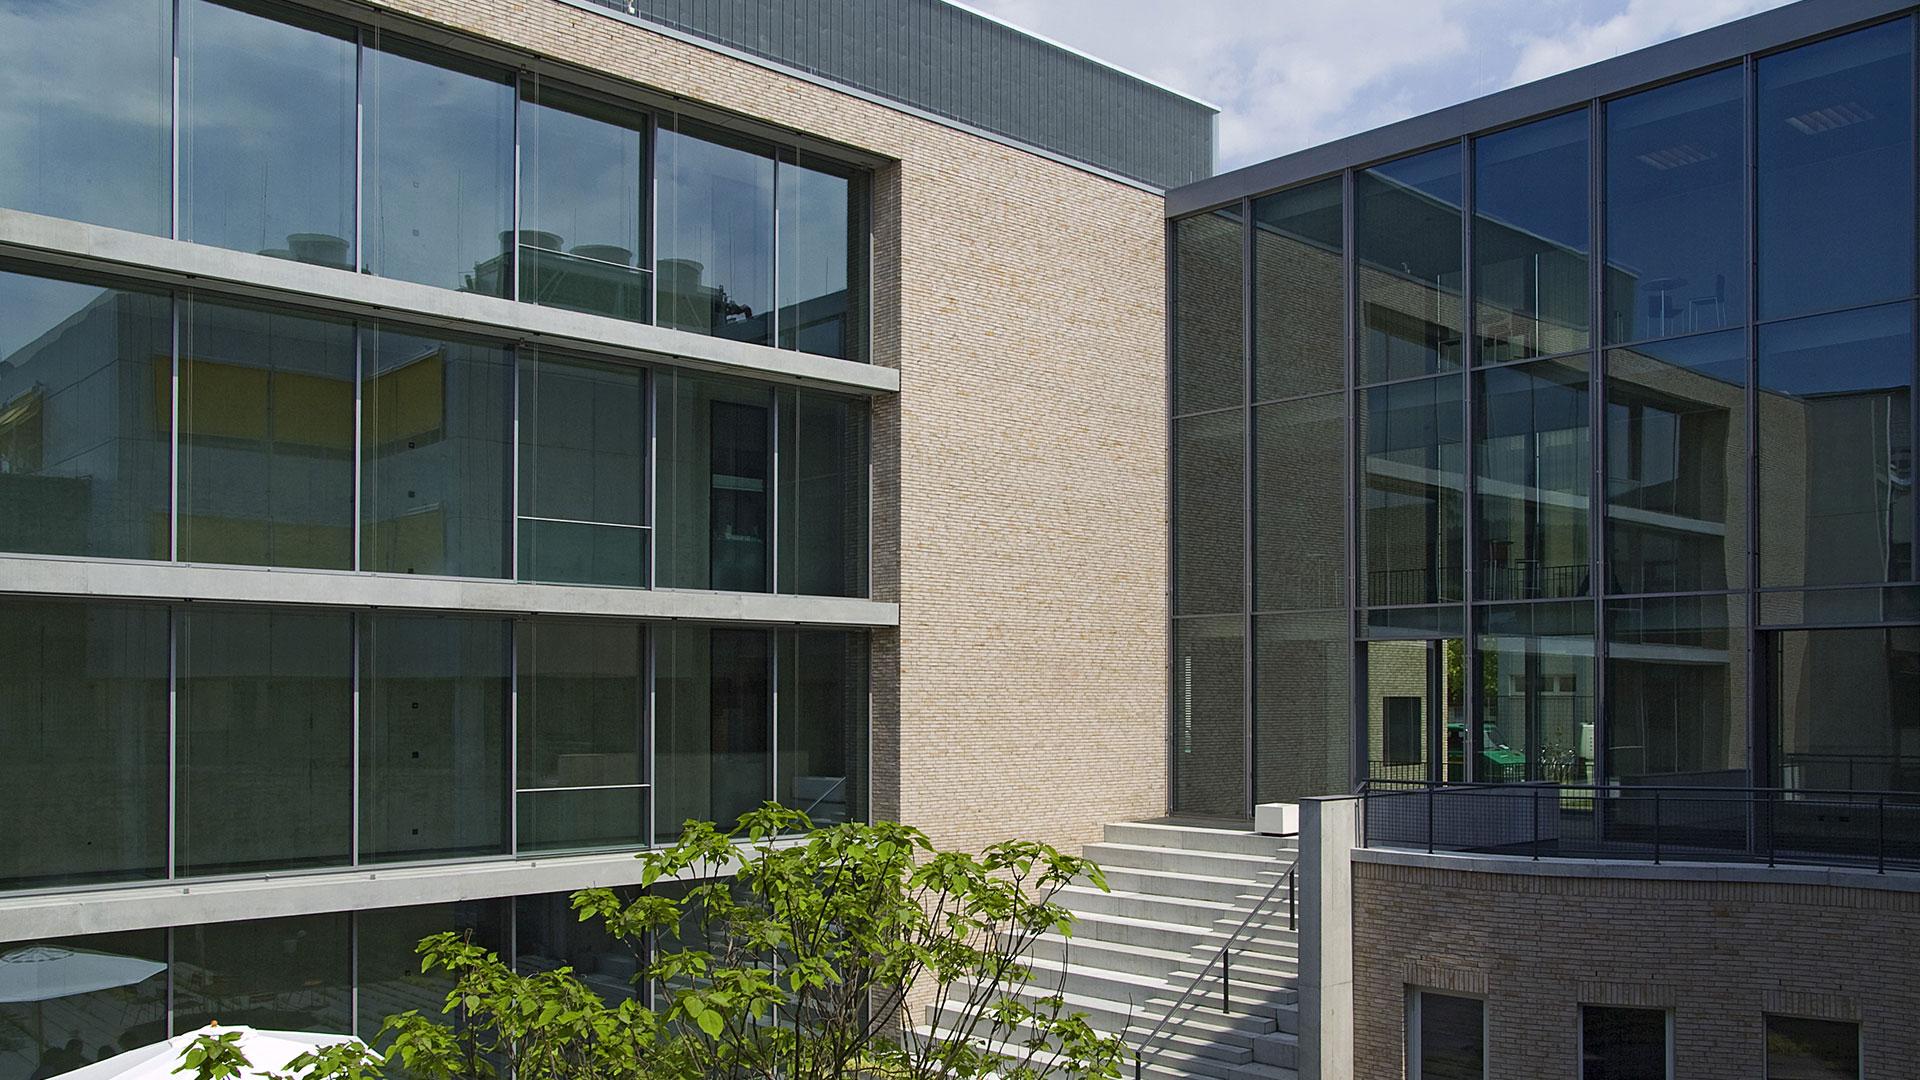 Max-Planck-Institut Freiburg 3 - ArGe Architekten